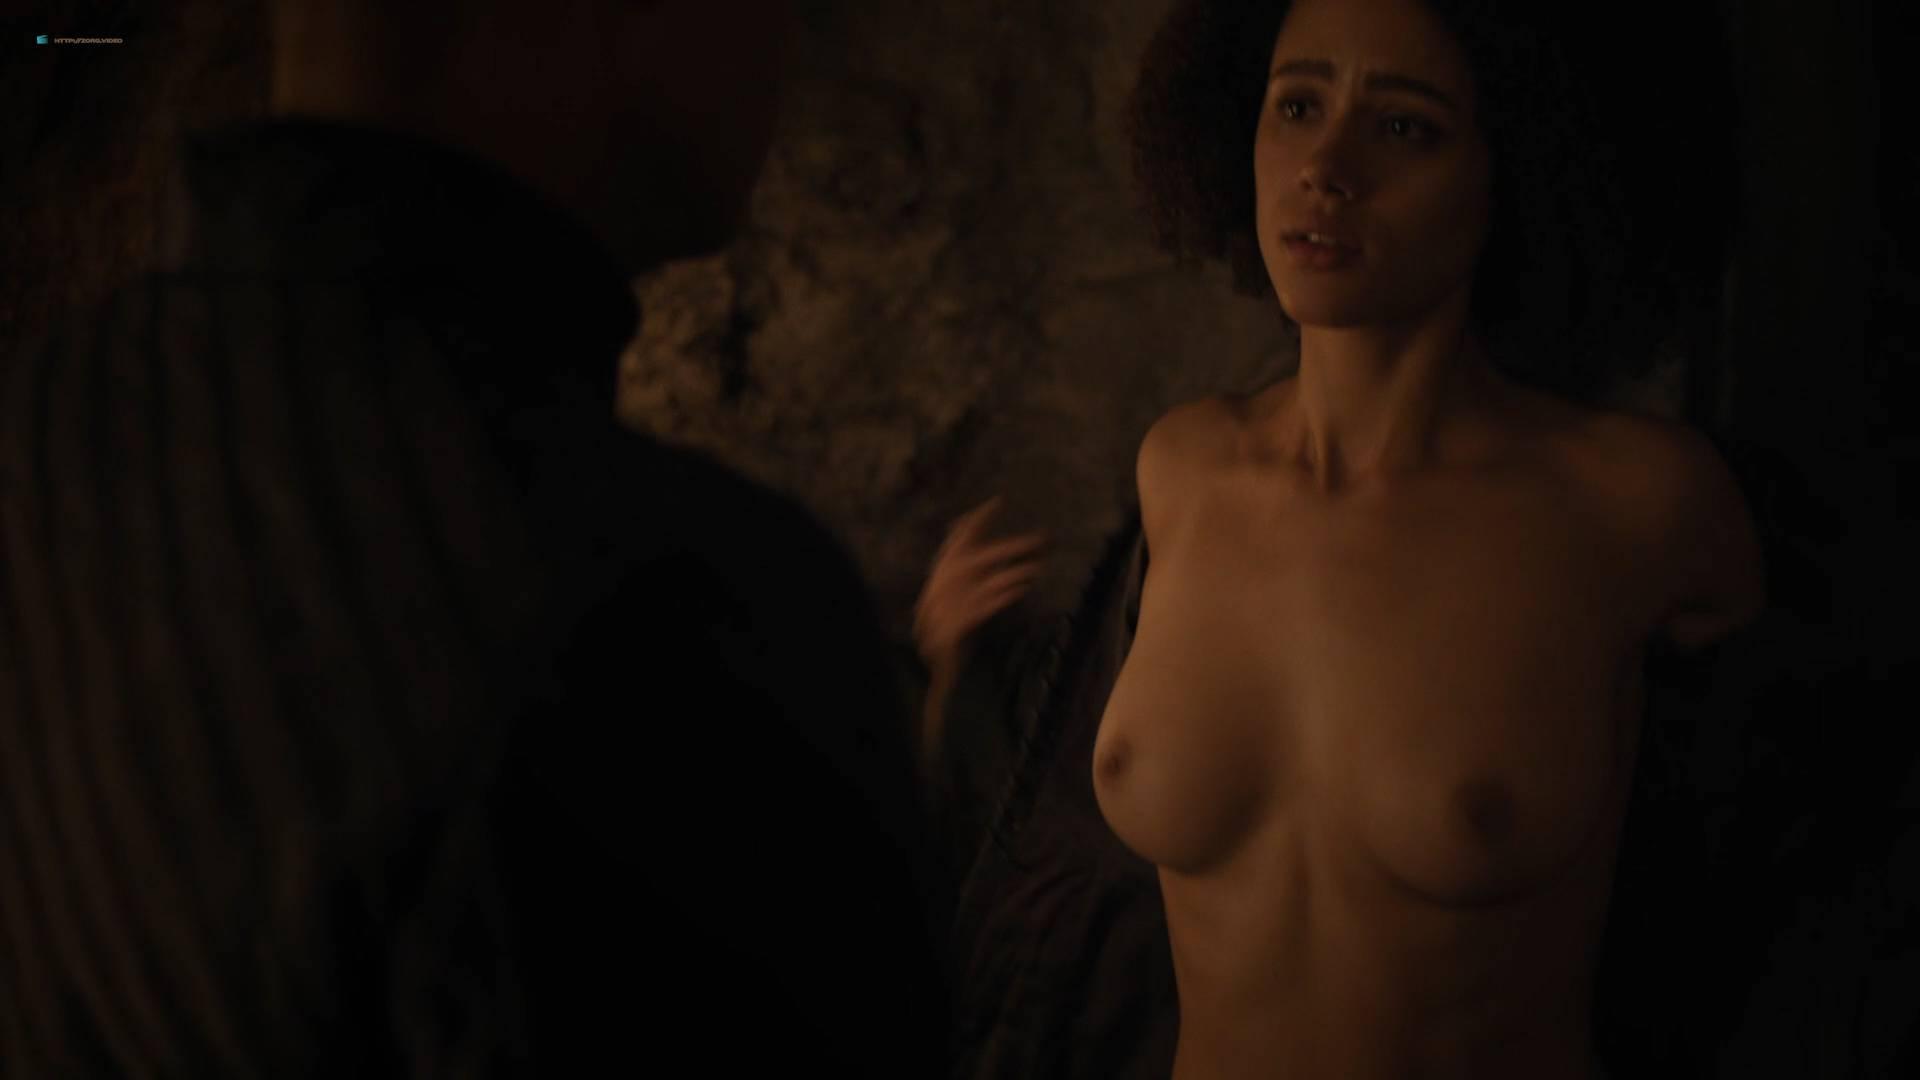 Nathalie-Emmanuel-nude-topless-and-butt-GoT-2017-s7e2-HD-1080p-Web-01.jpg